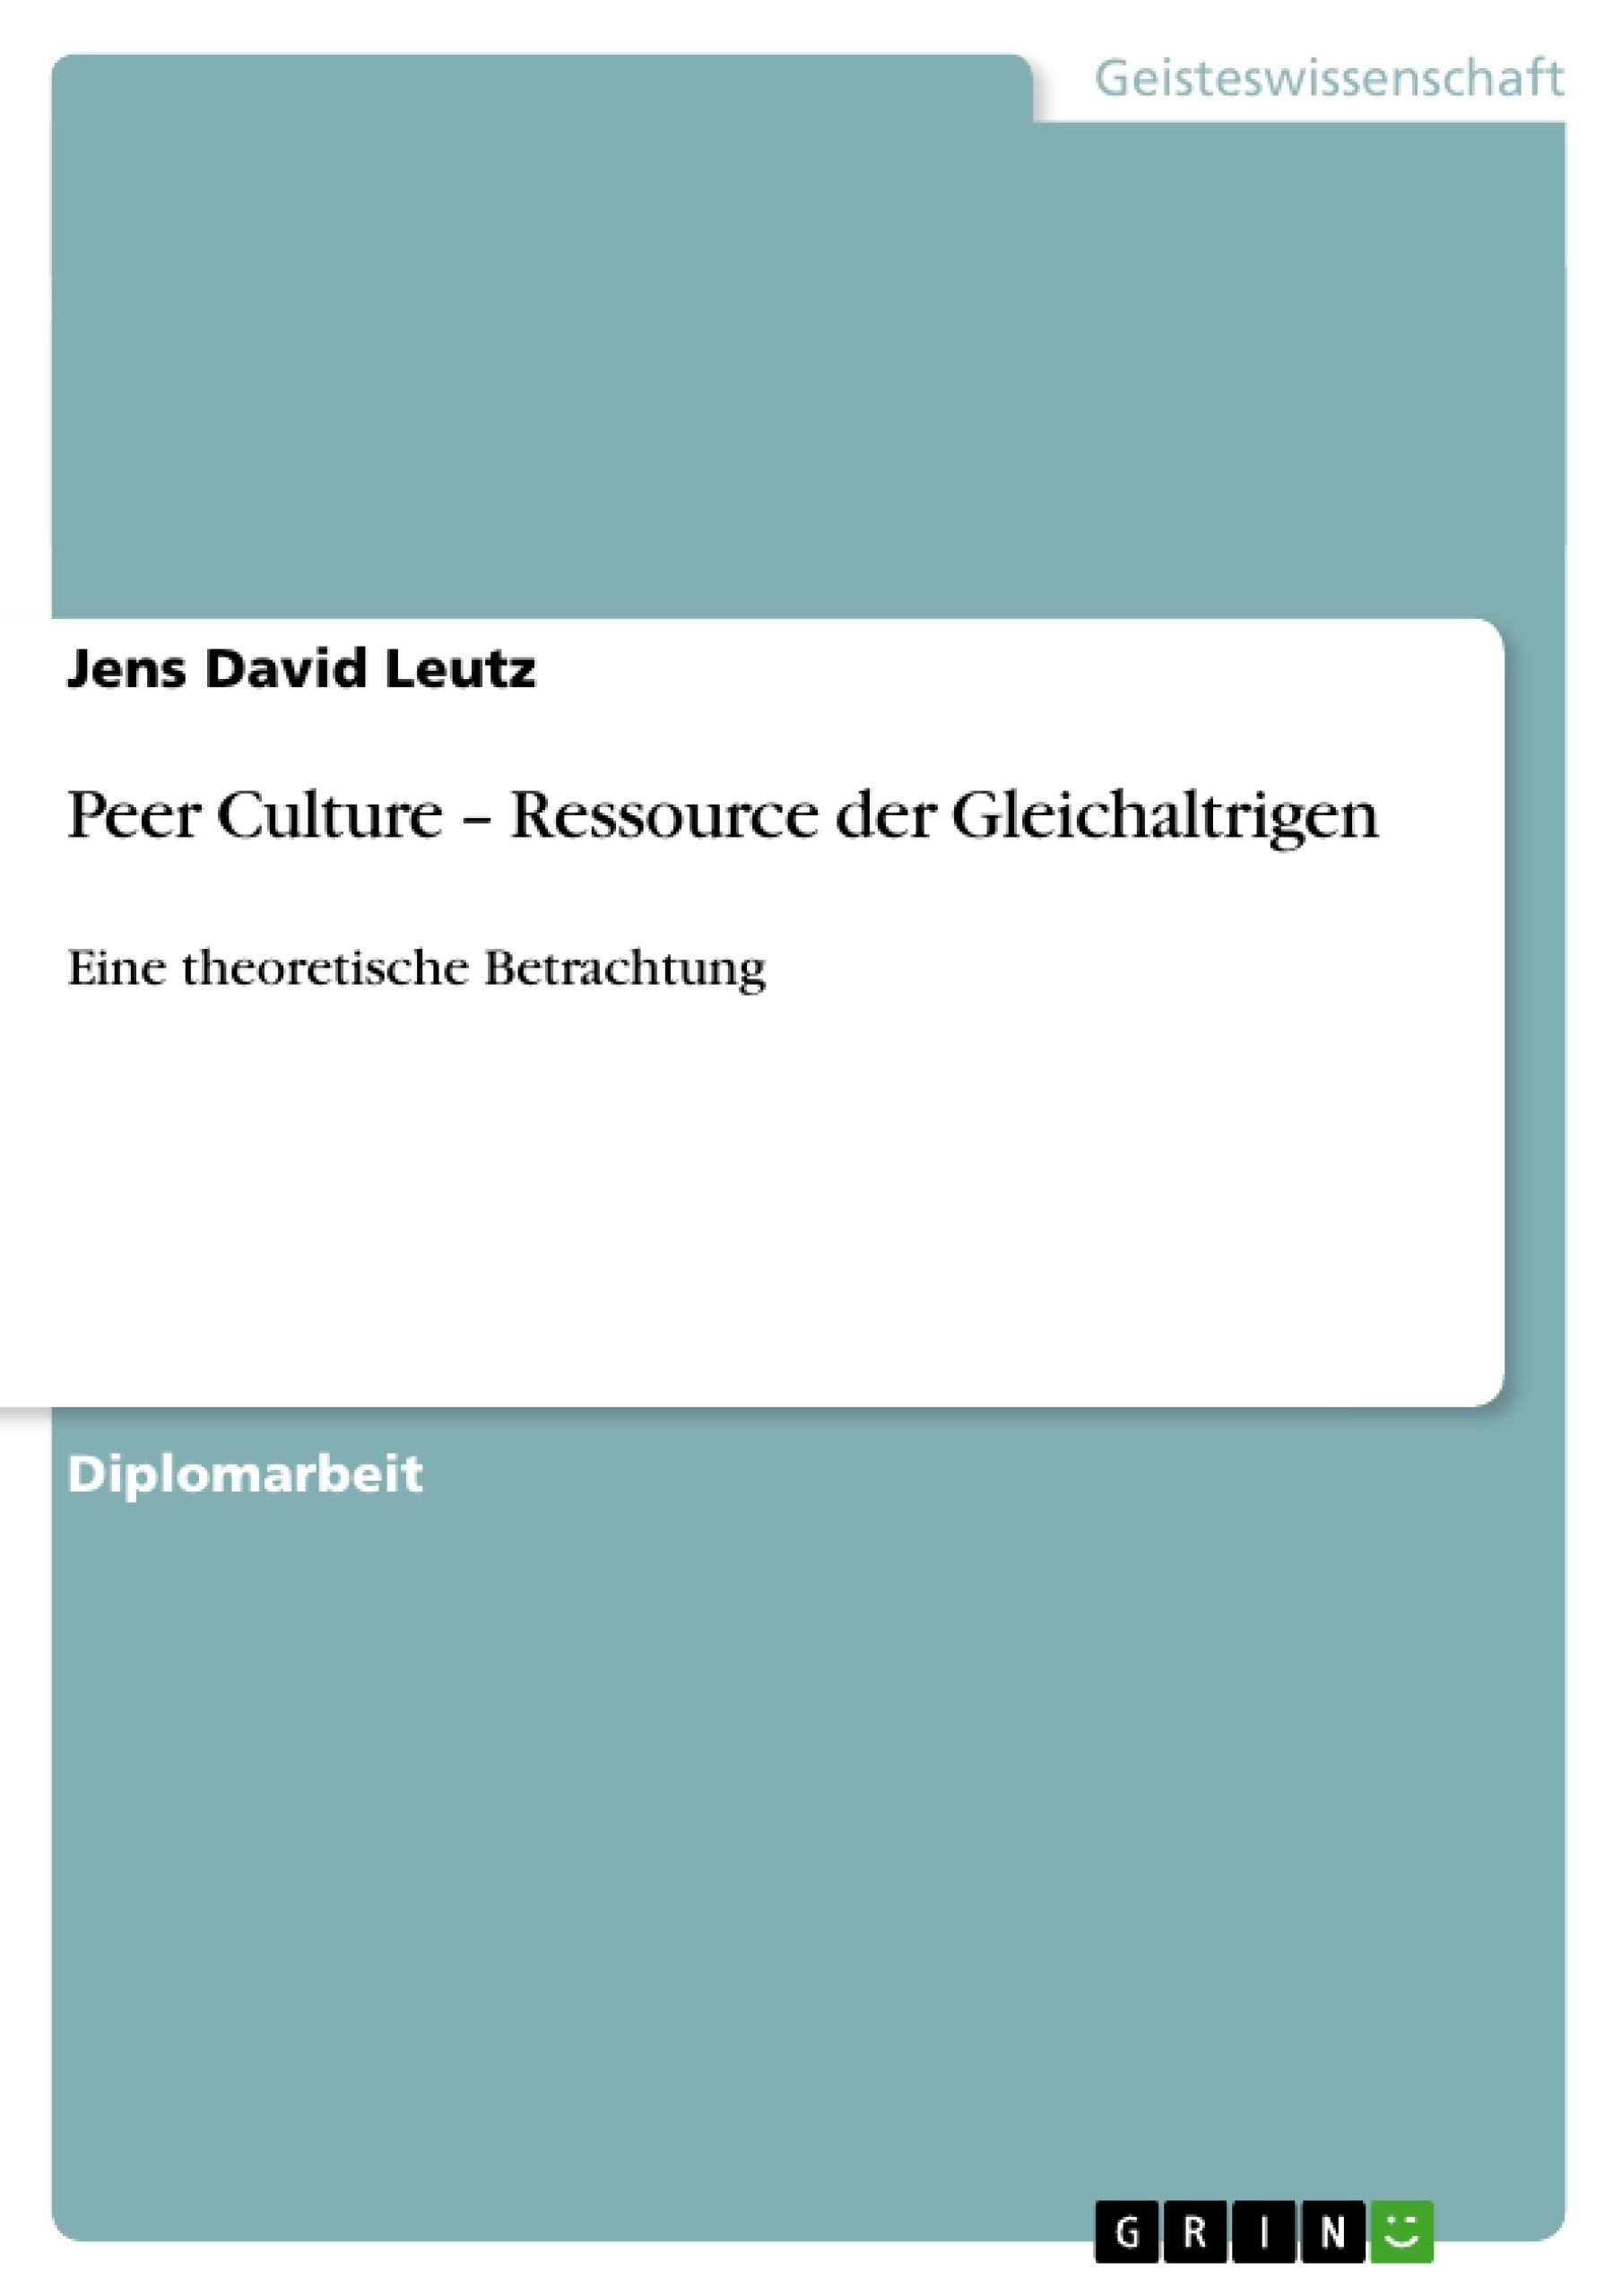 Titel: Peer Culture – Ressource der Gleichaltrigen